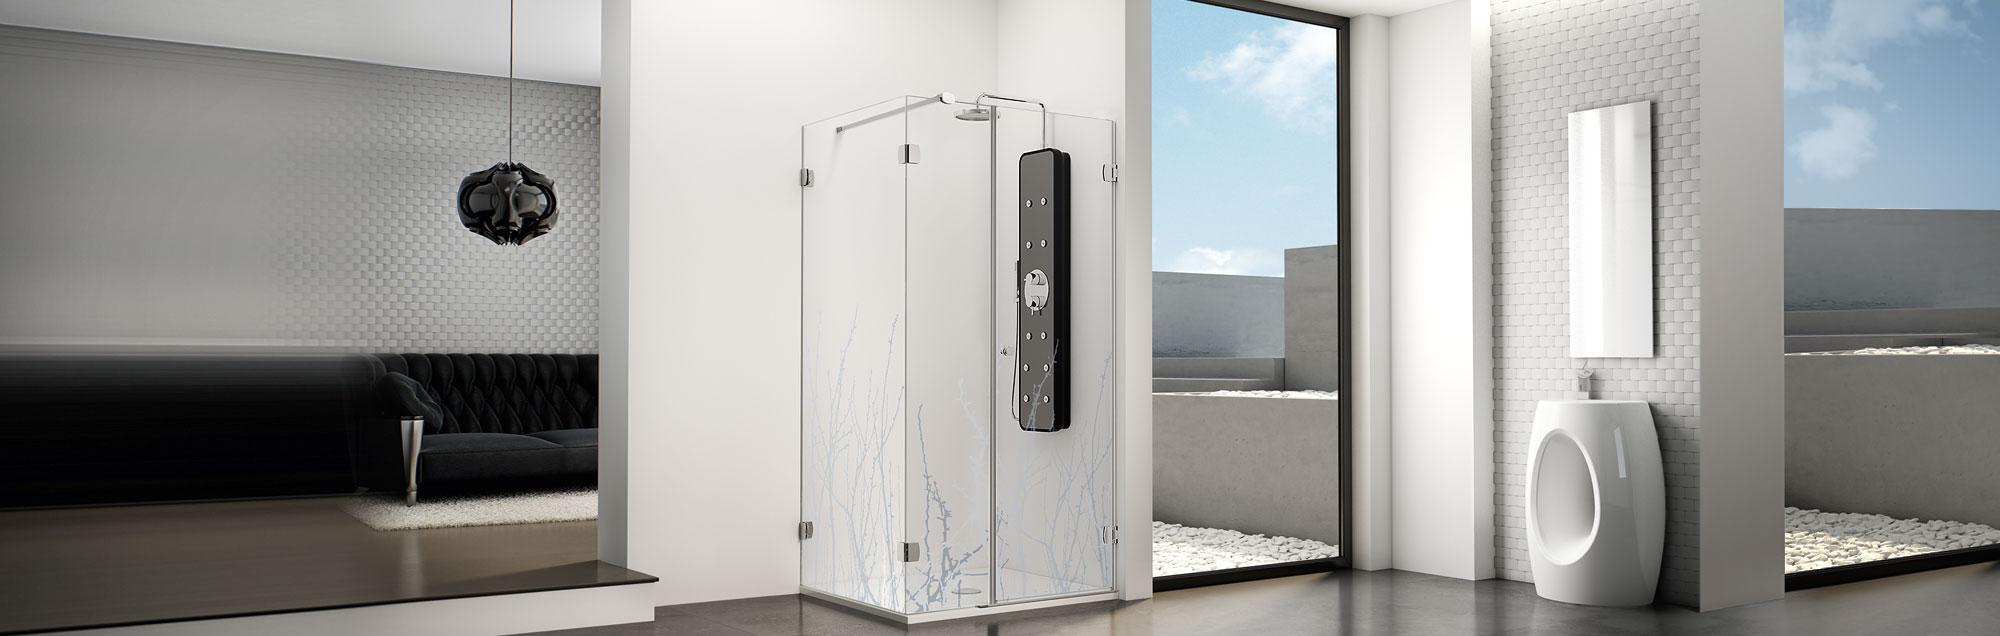 Box doccia battentii per doccia e vasca da bagno su misura - Box doccia su vasca da bagno ...